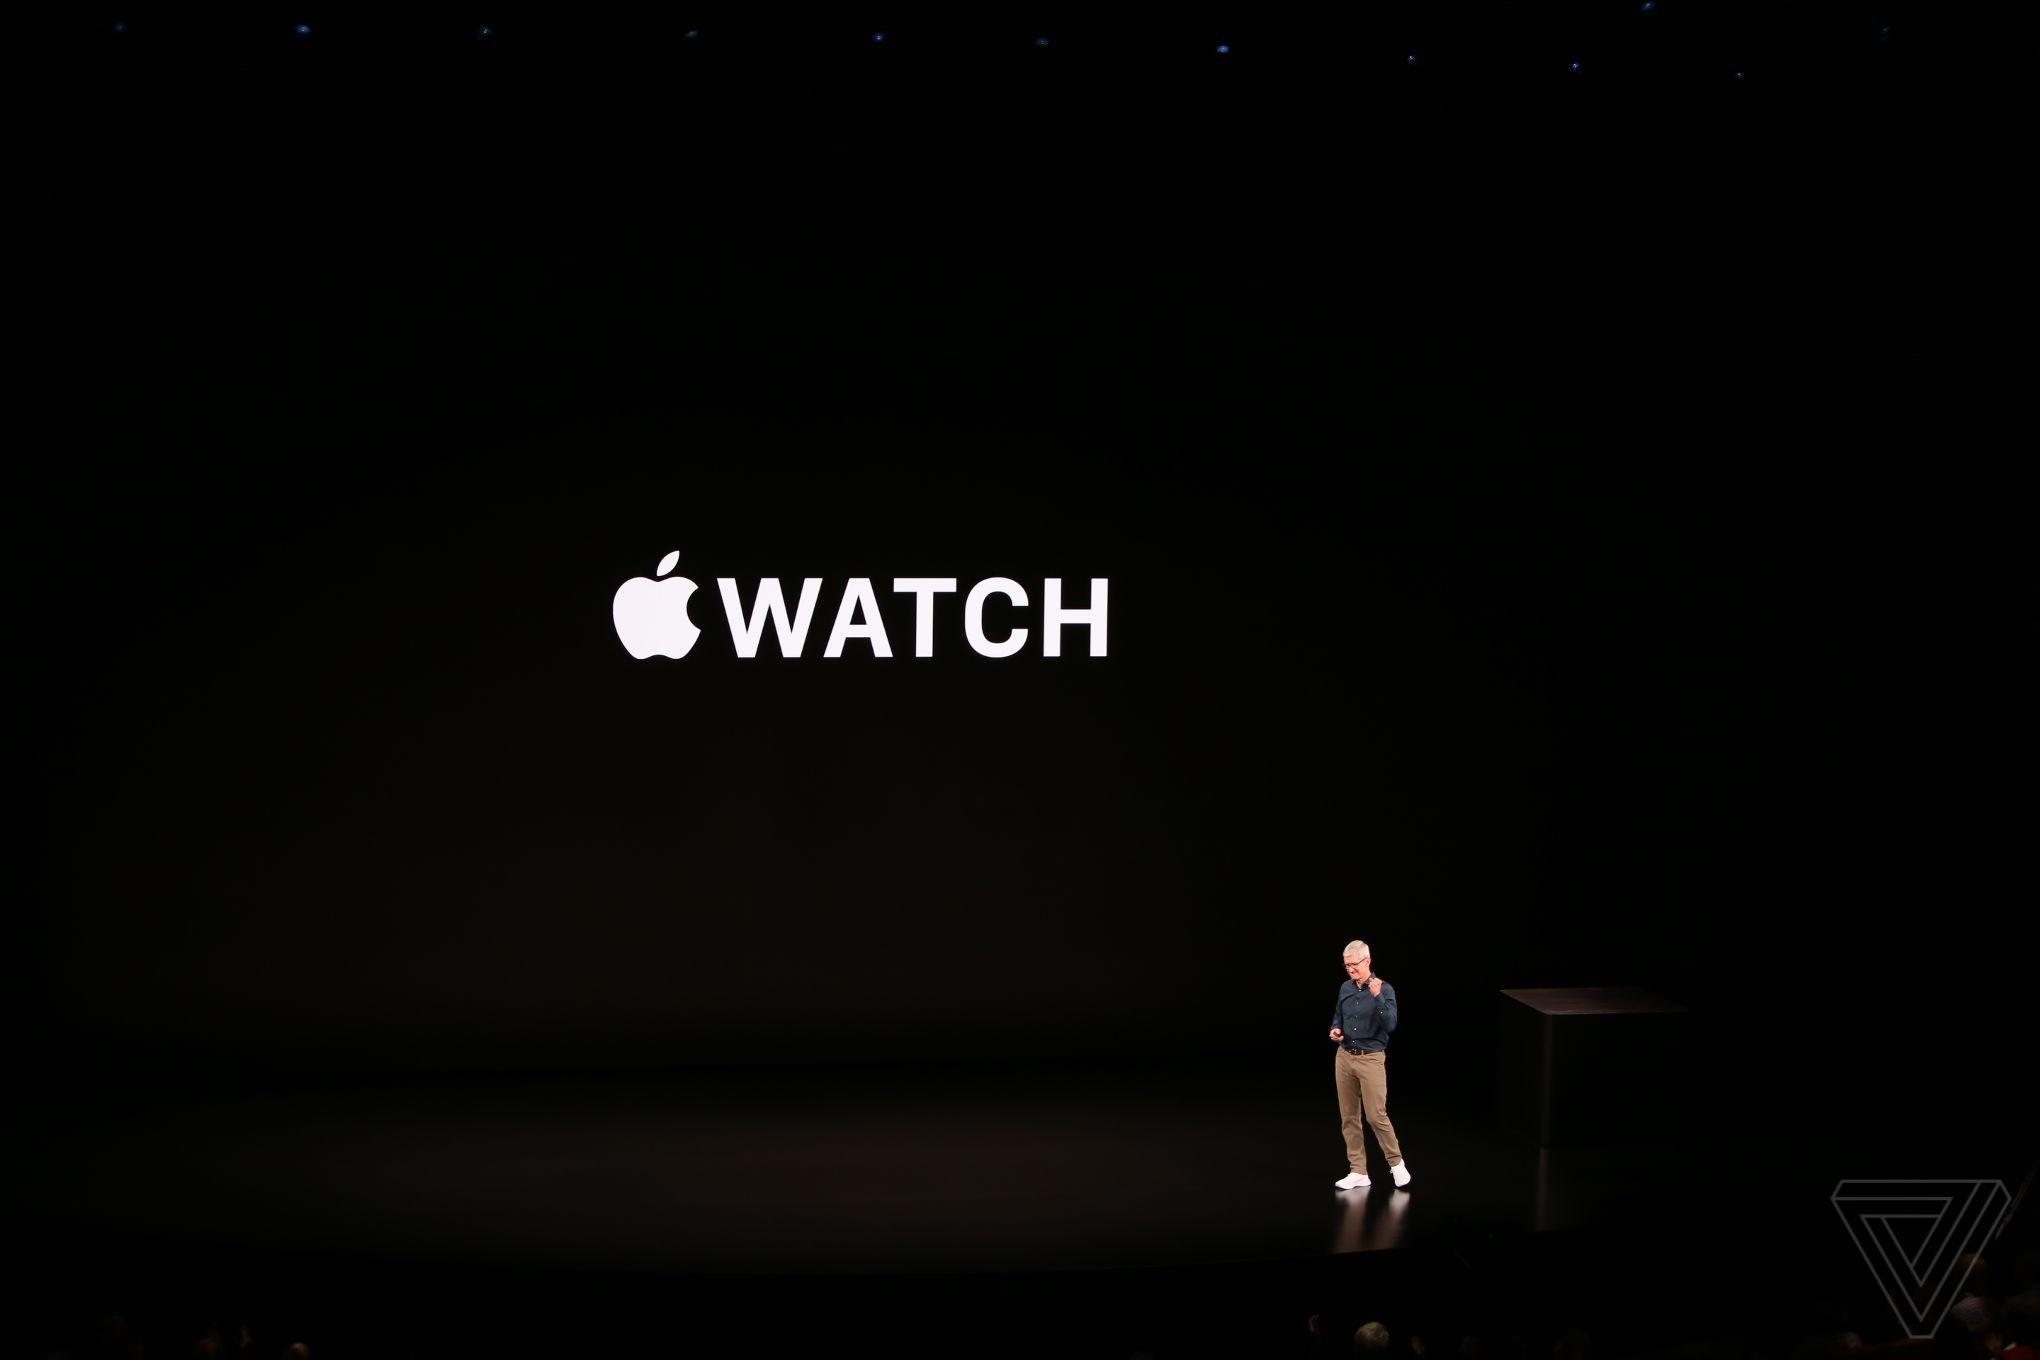 تصاویرنسل جدید اپل واچ,تصاویر اپل واچ,تصاویردیزاین جدیداپل واچ